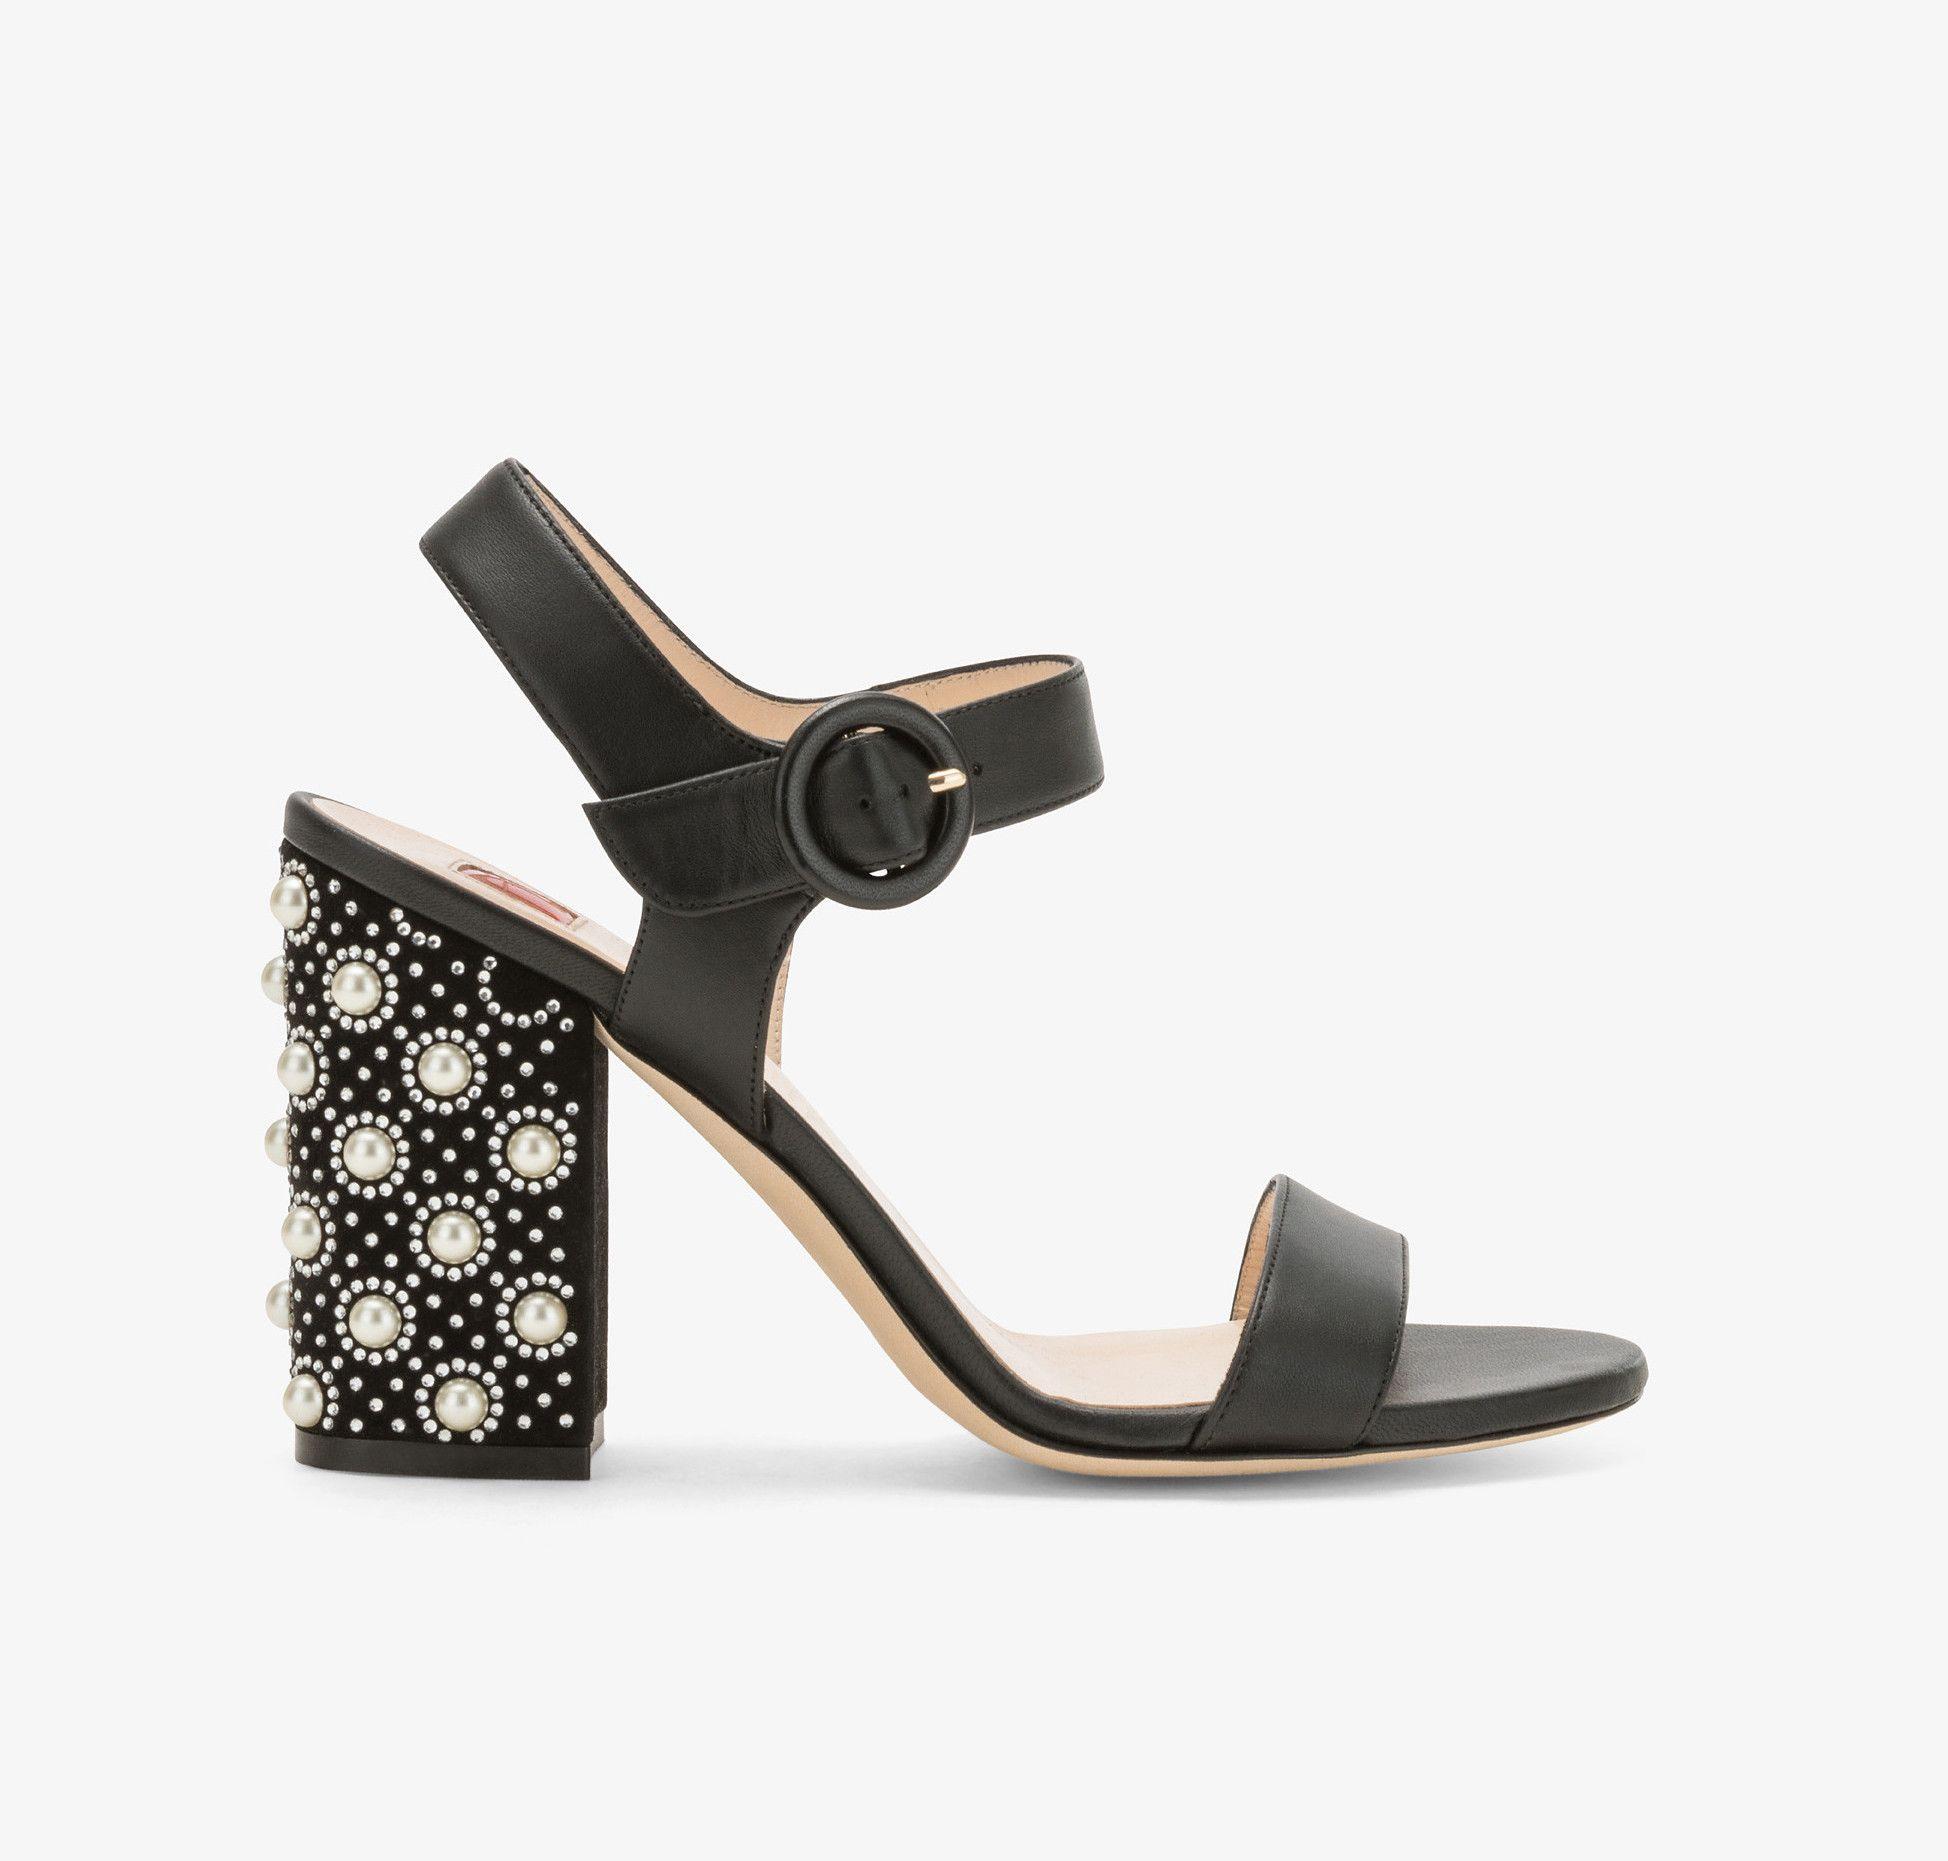 sandali gioiello con tacco eleganti estate 2018